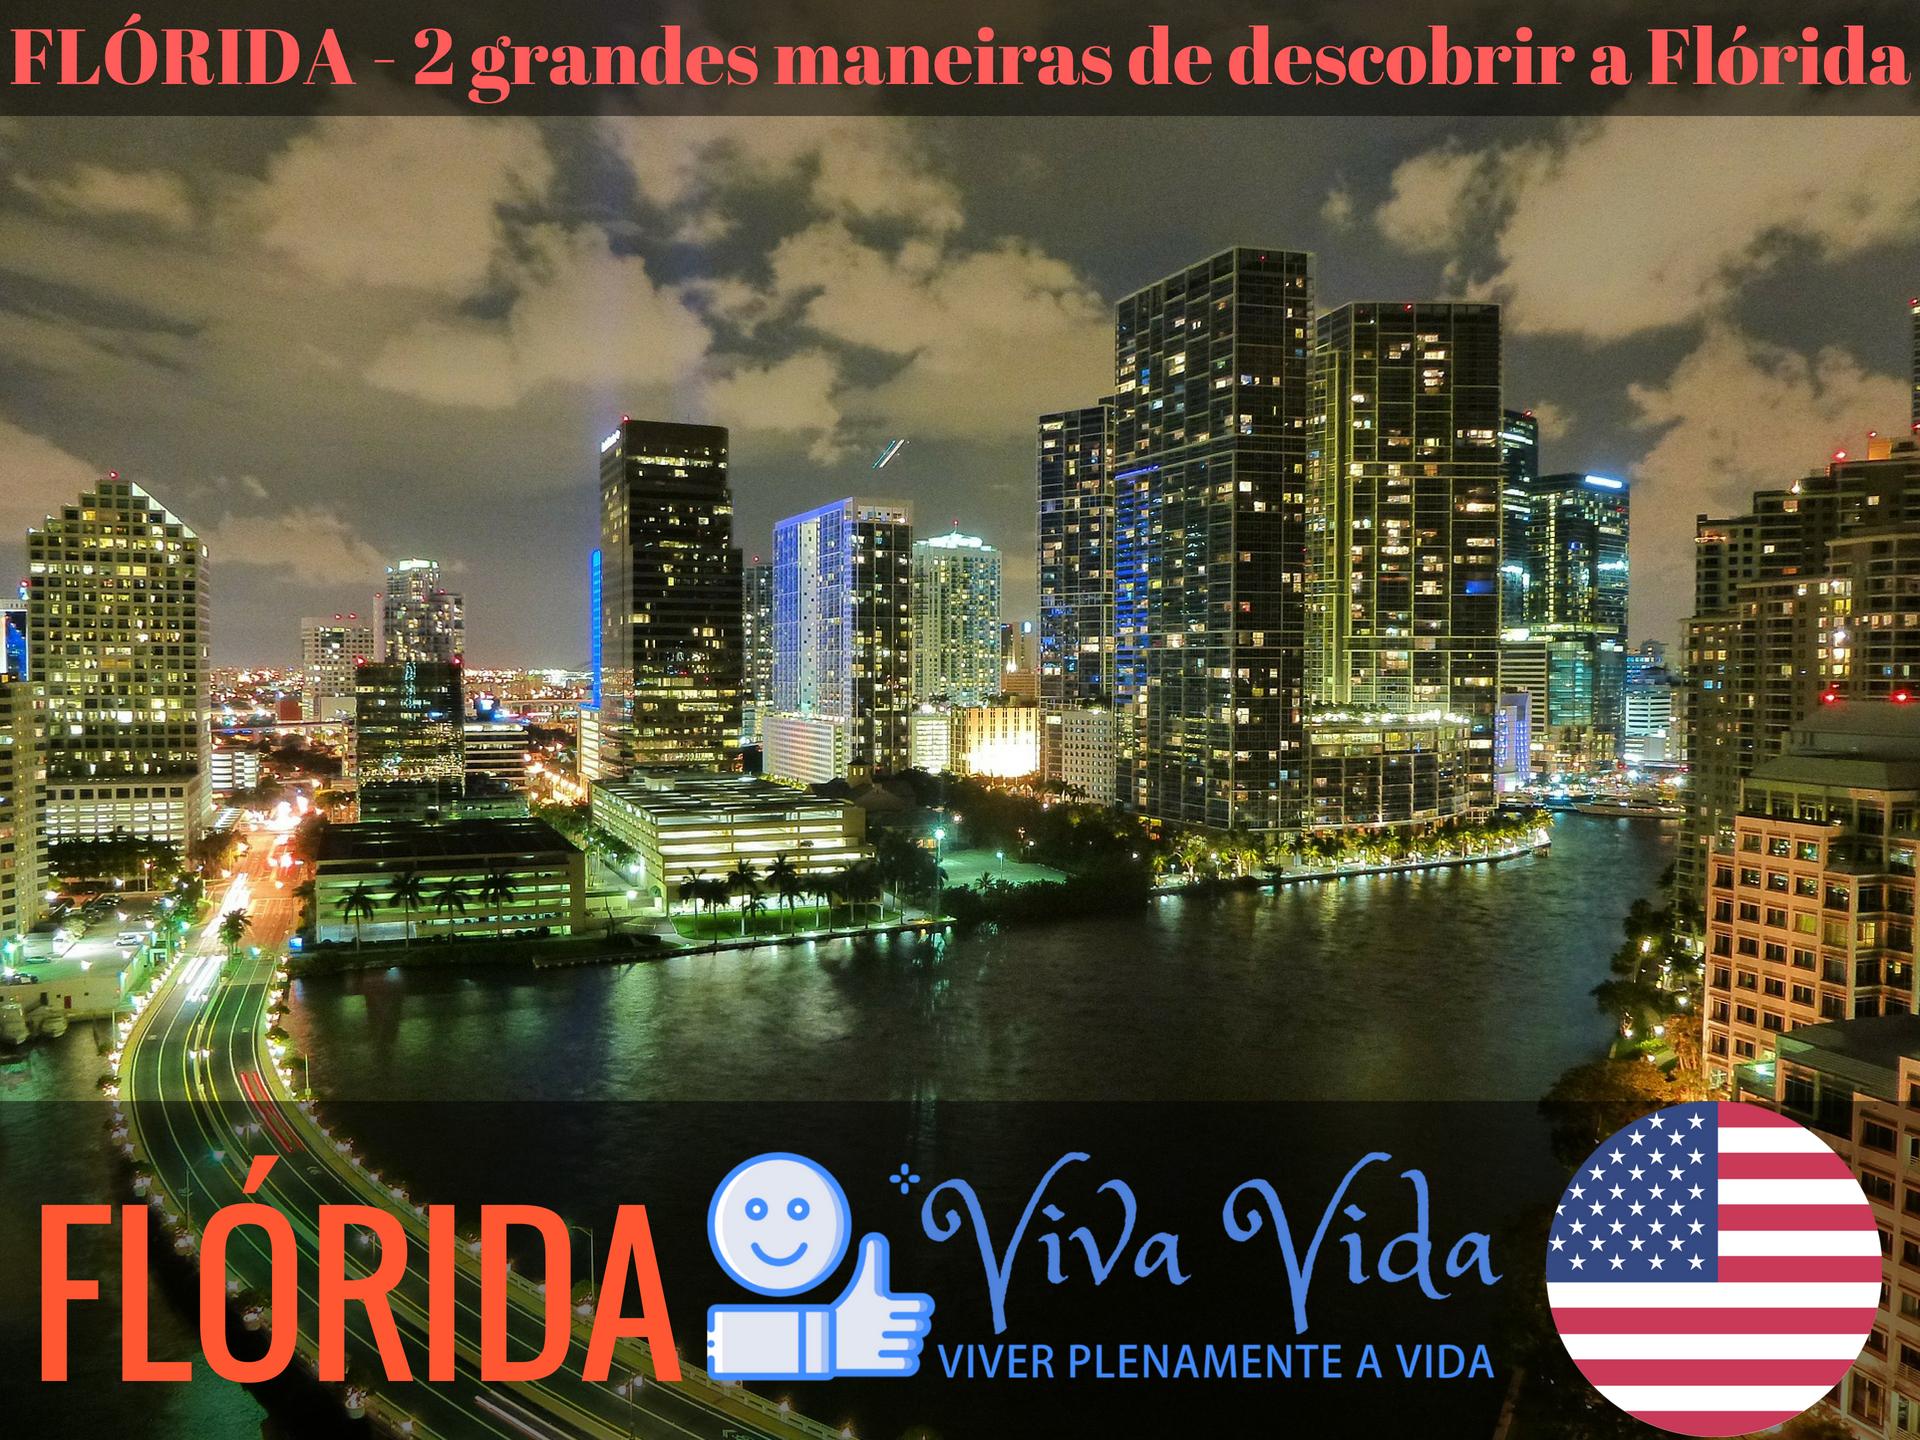 Flórida - 2 grandes maneiras de descubrir a Flórida. Viva Vida.